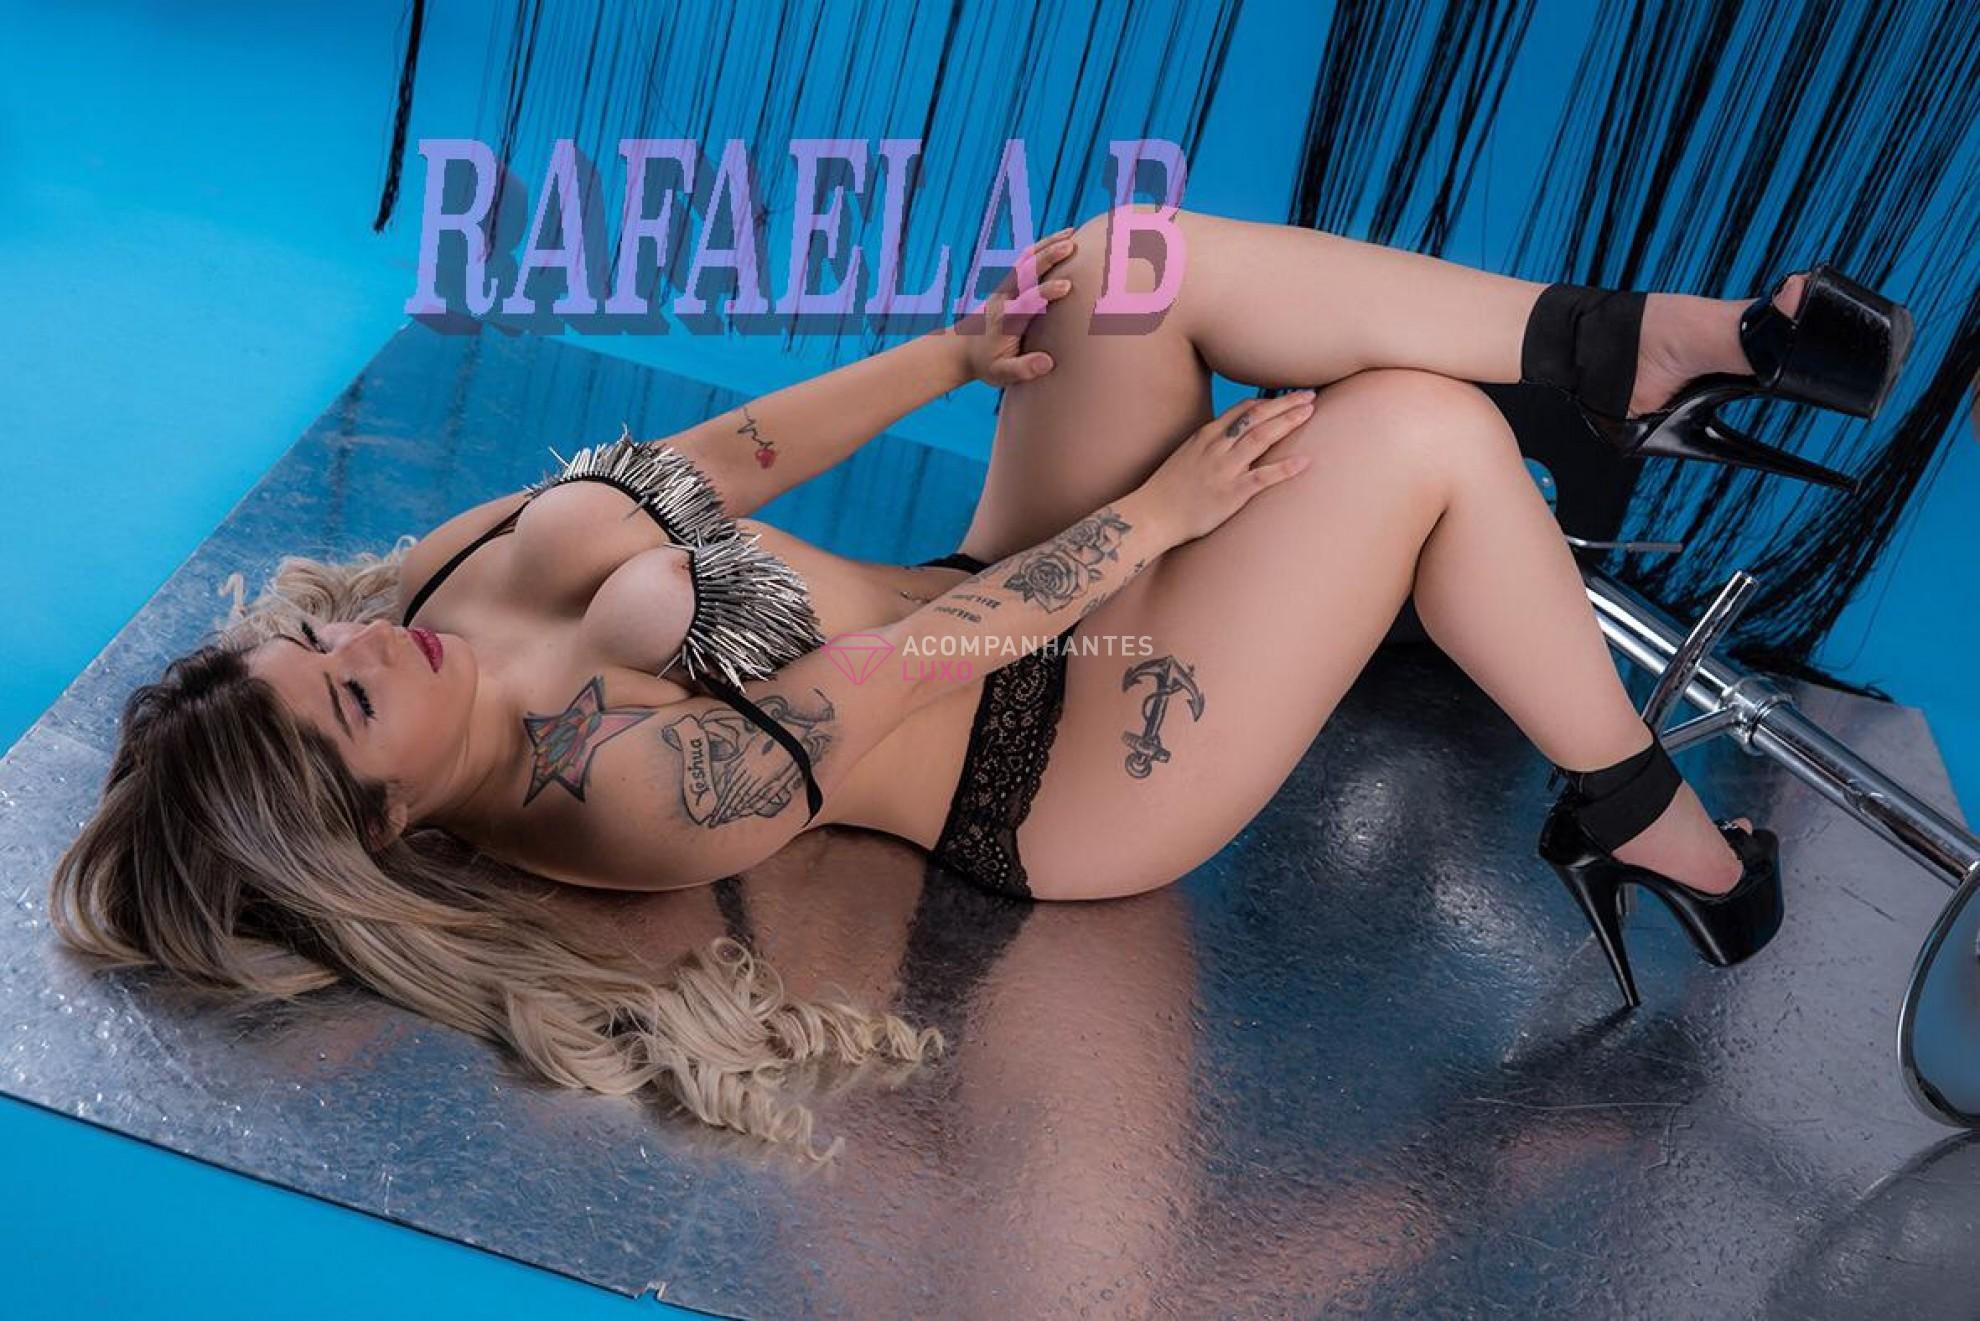 Rafaela barbie